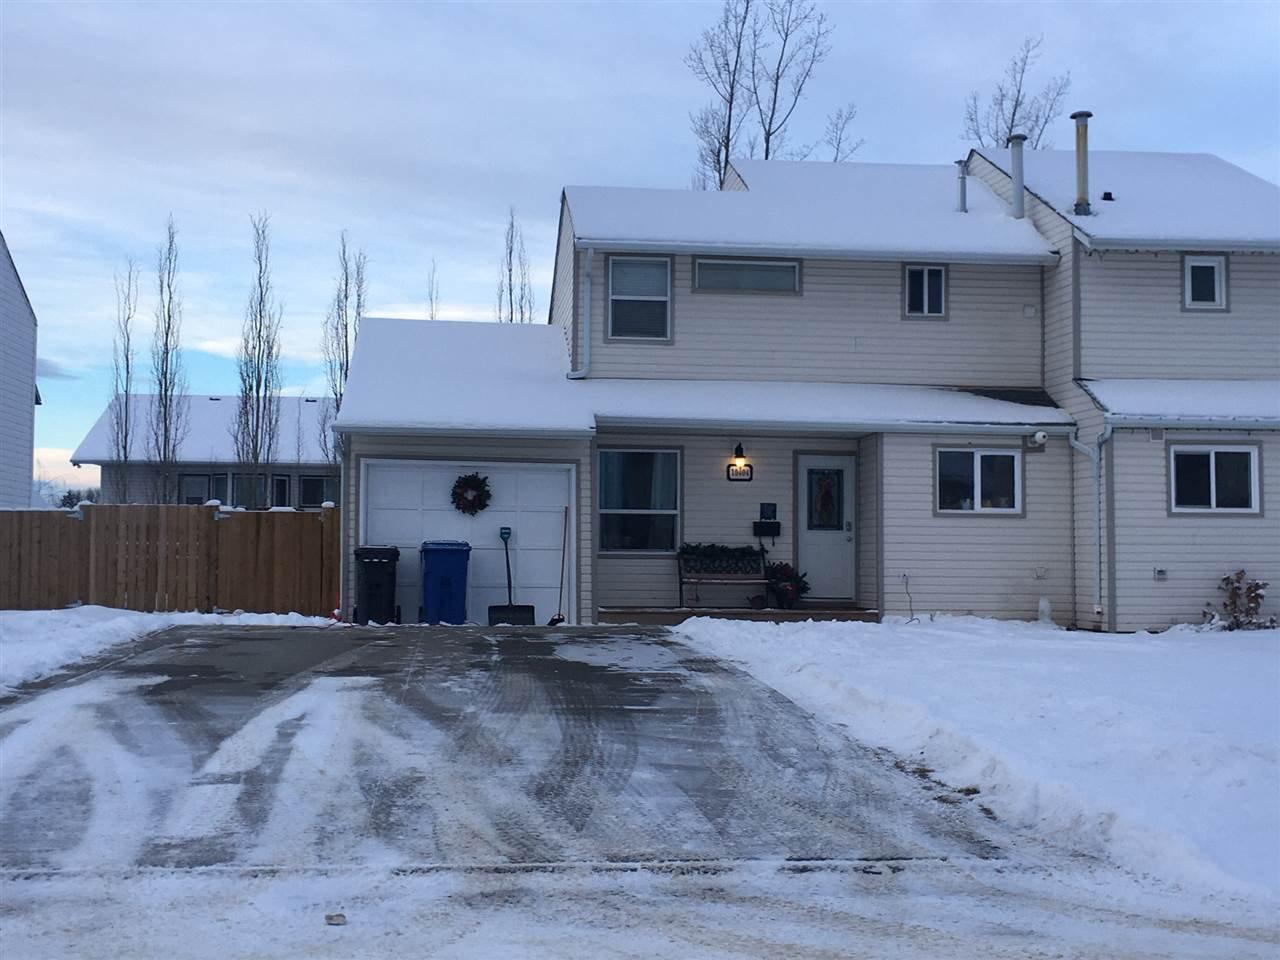 Main Photo: 10404 88A Street in Fort St. John: Fort St. John - City NE House 1/2 Duplex for sale (Fort St. John (Zone 60))  : MLS®# R2424825